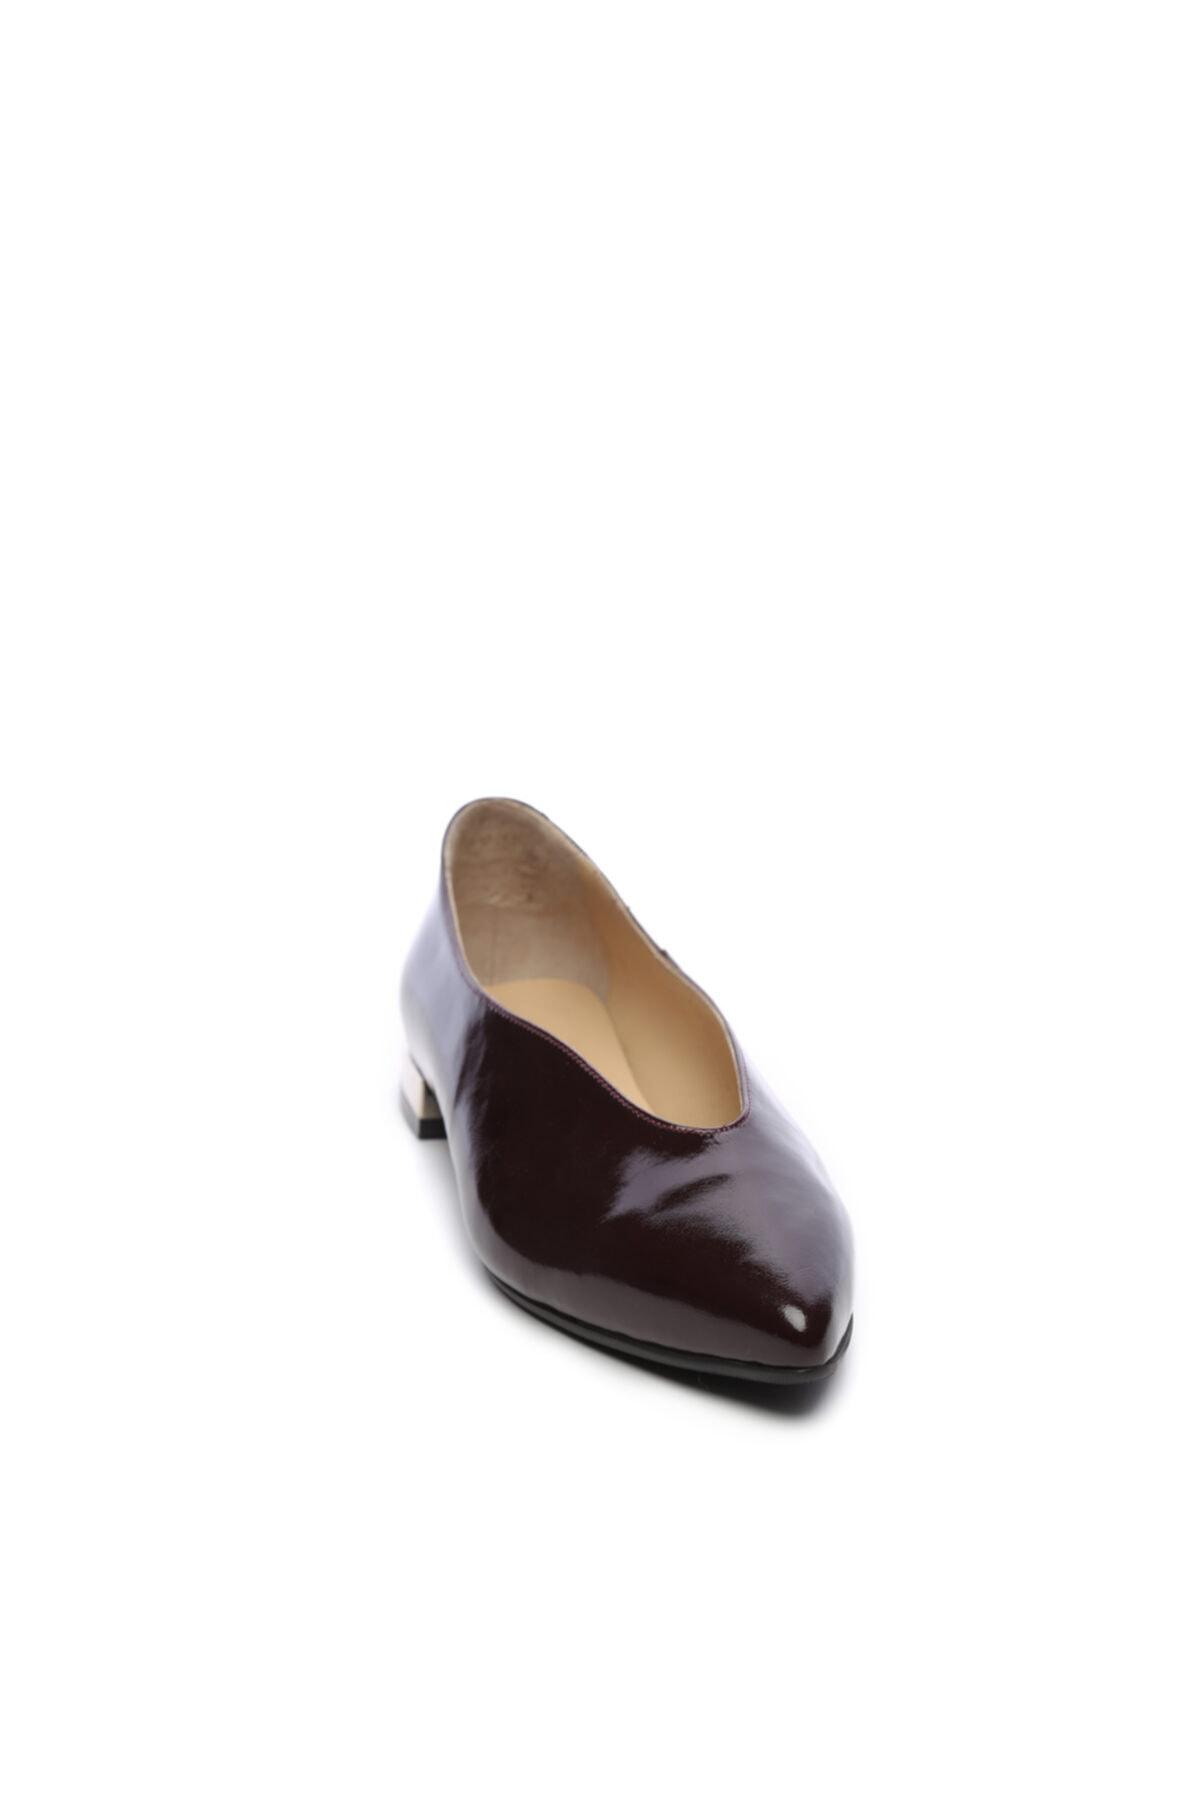 KEMAL TANCA Kadın Derı Babet Ayakkabı 94 1151 Bn Ayk Sk19-20 2